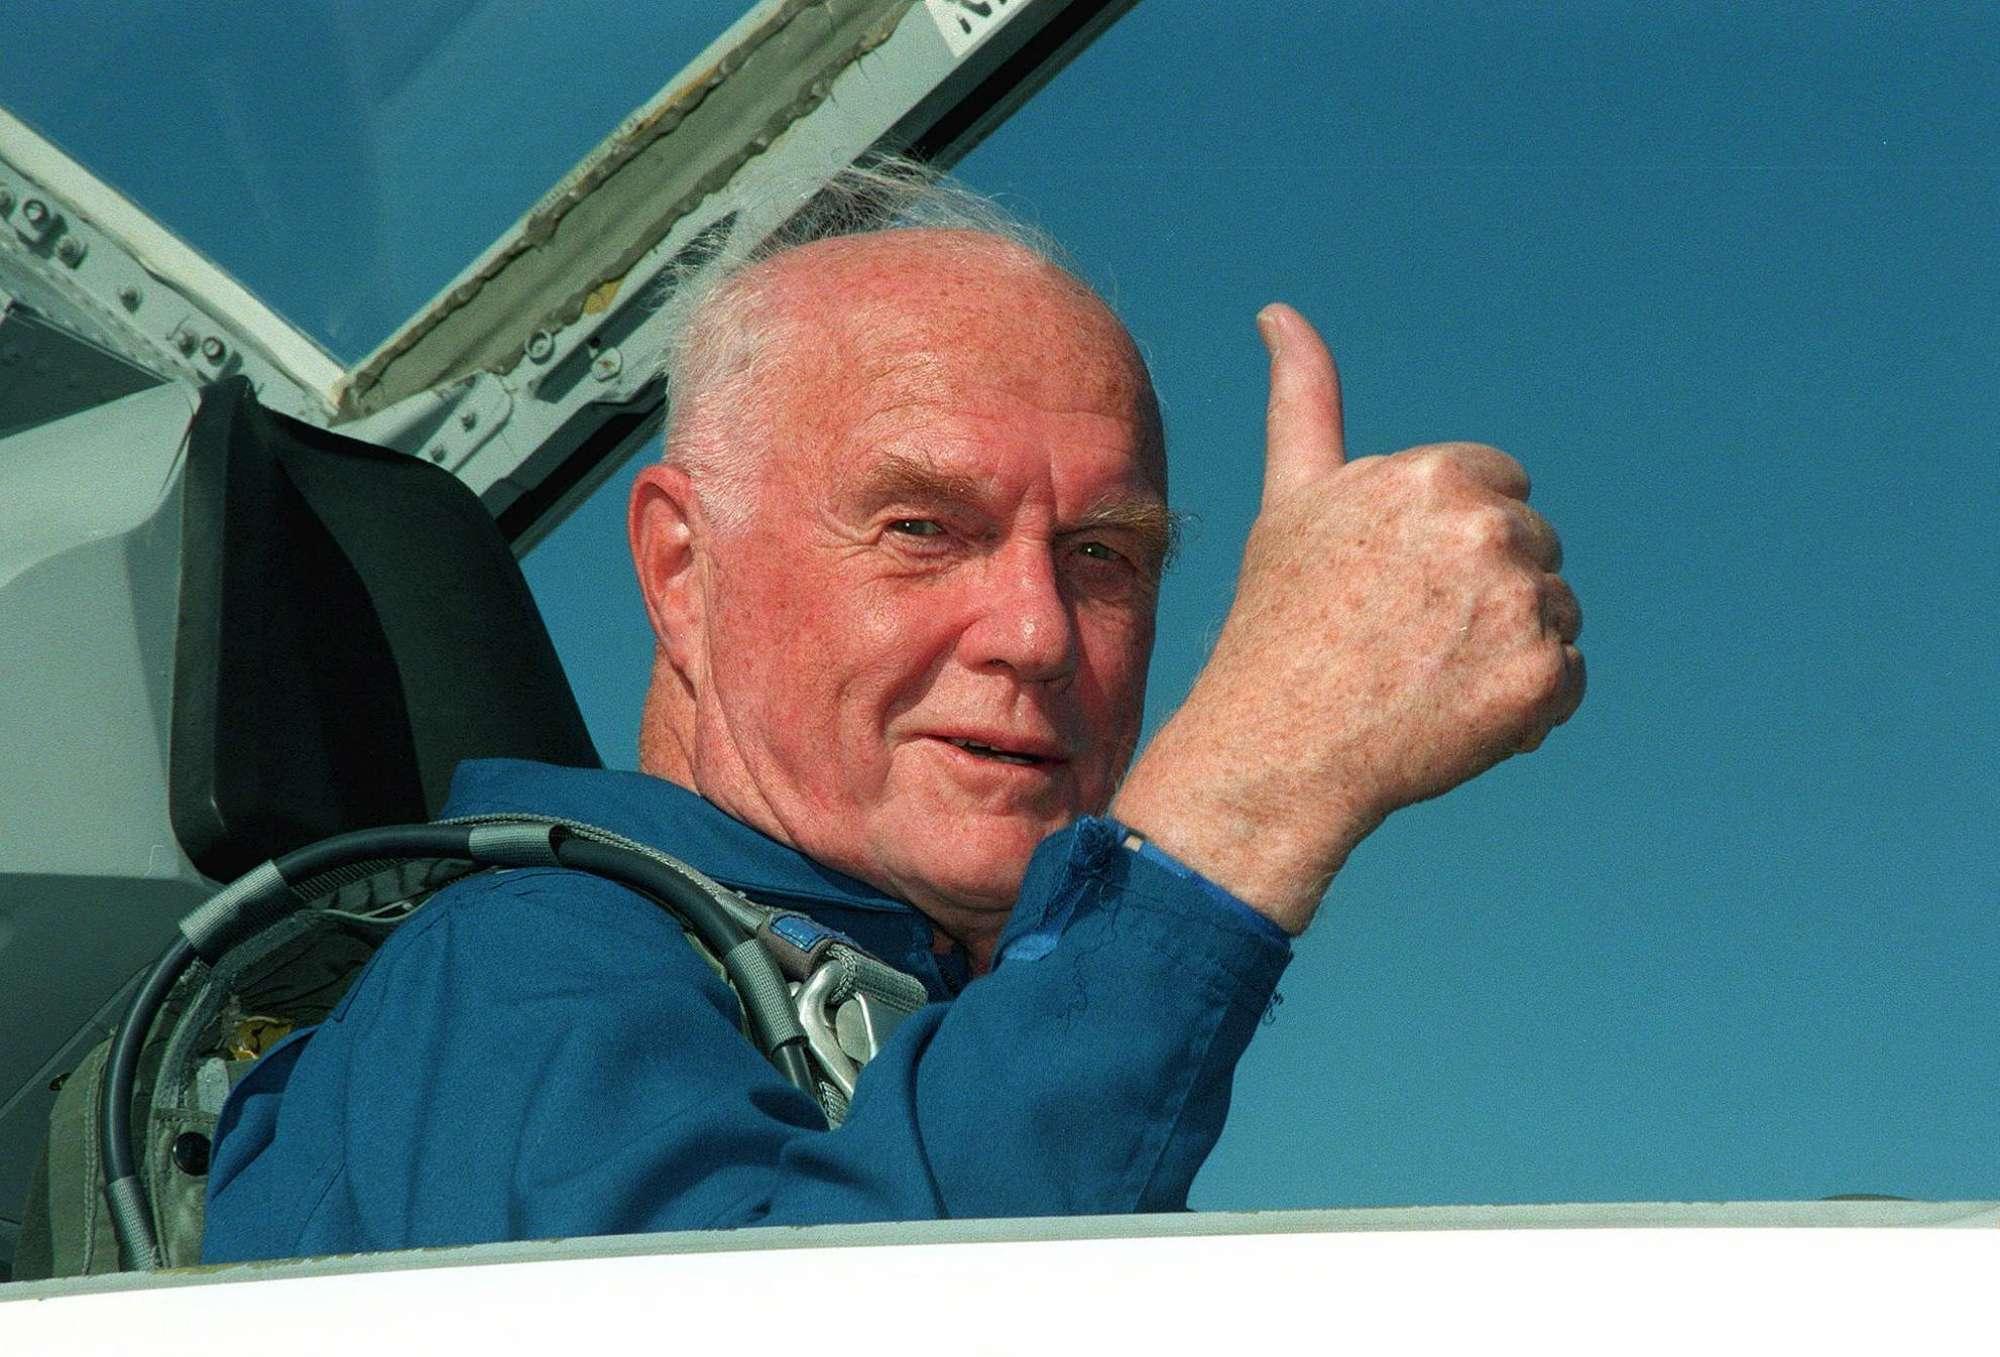 Spazio, è morto l astronauta americano John Glenn